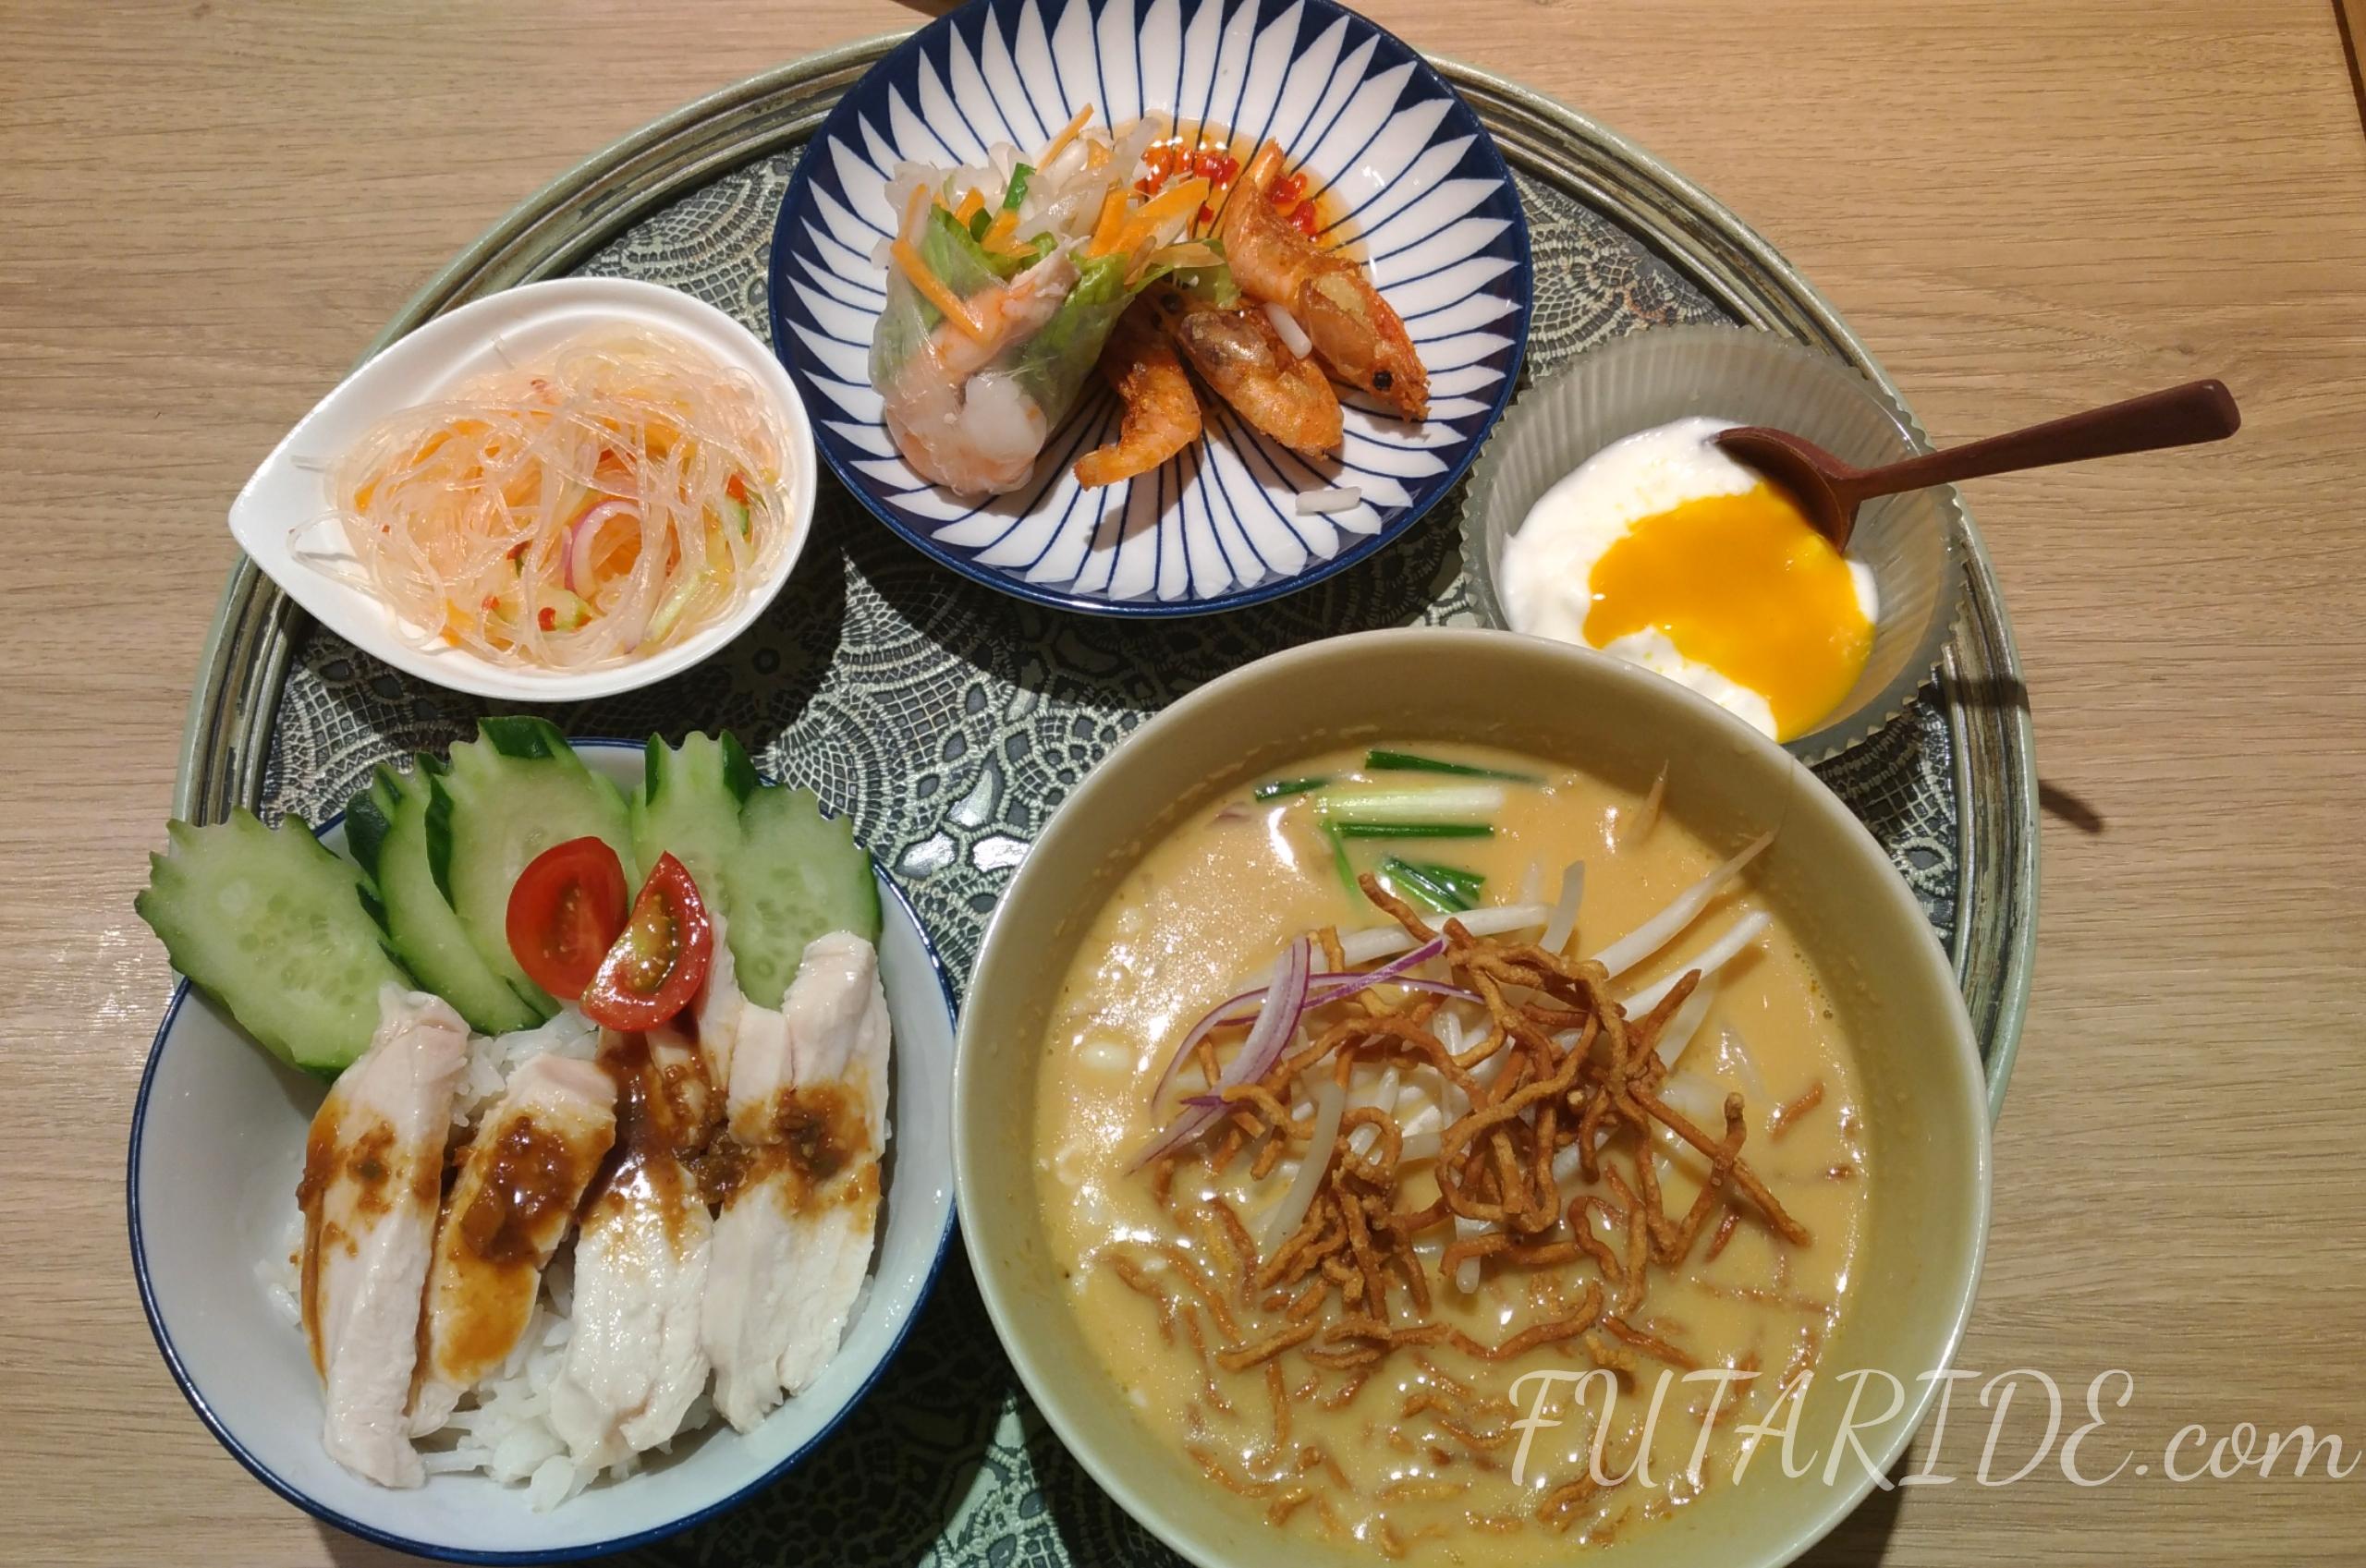 【Rice people,Nice people】パクチスト集合!フォトジェニックなエスニック店【ゲートタワー】